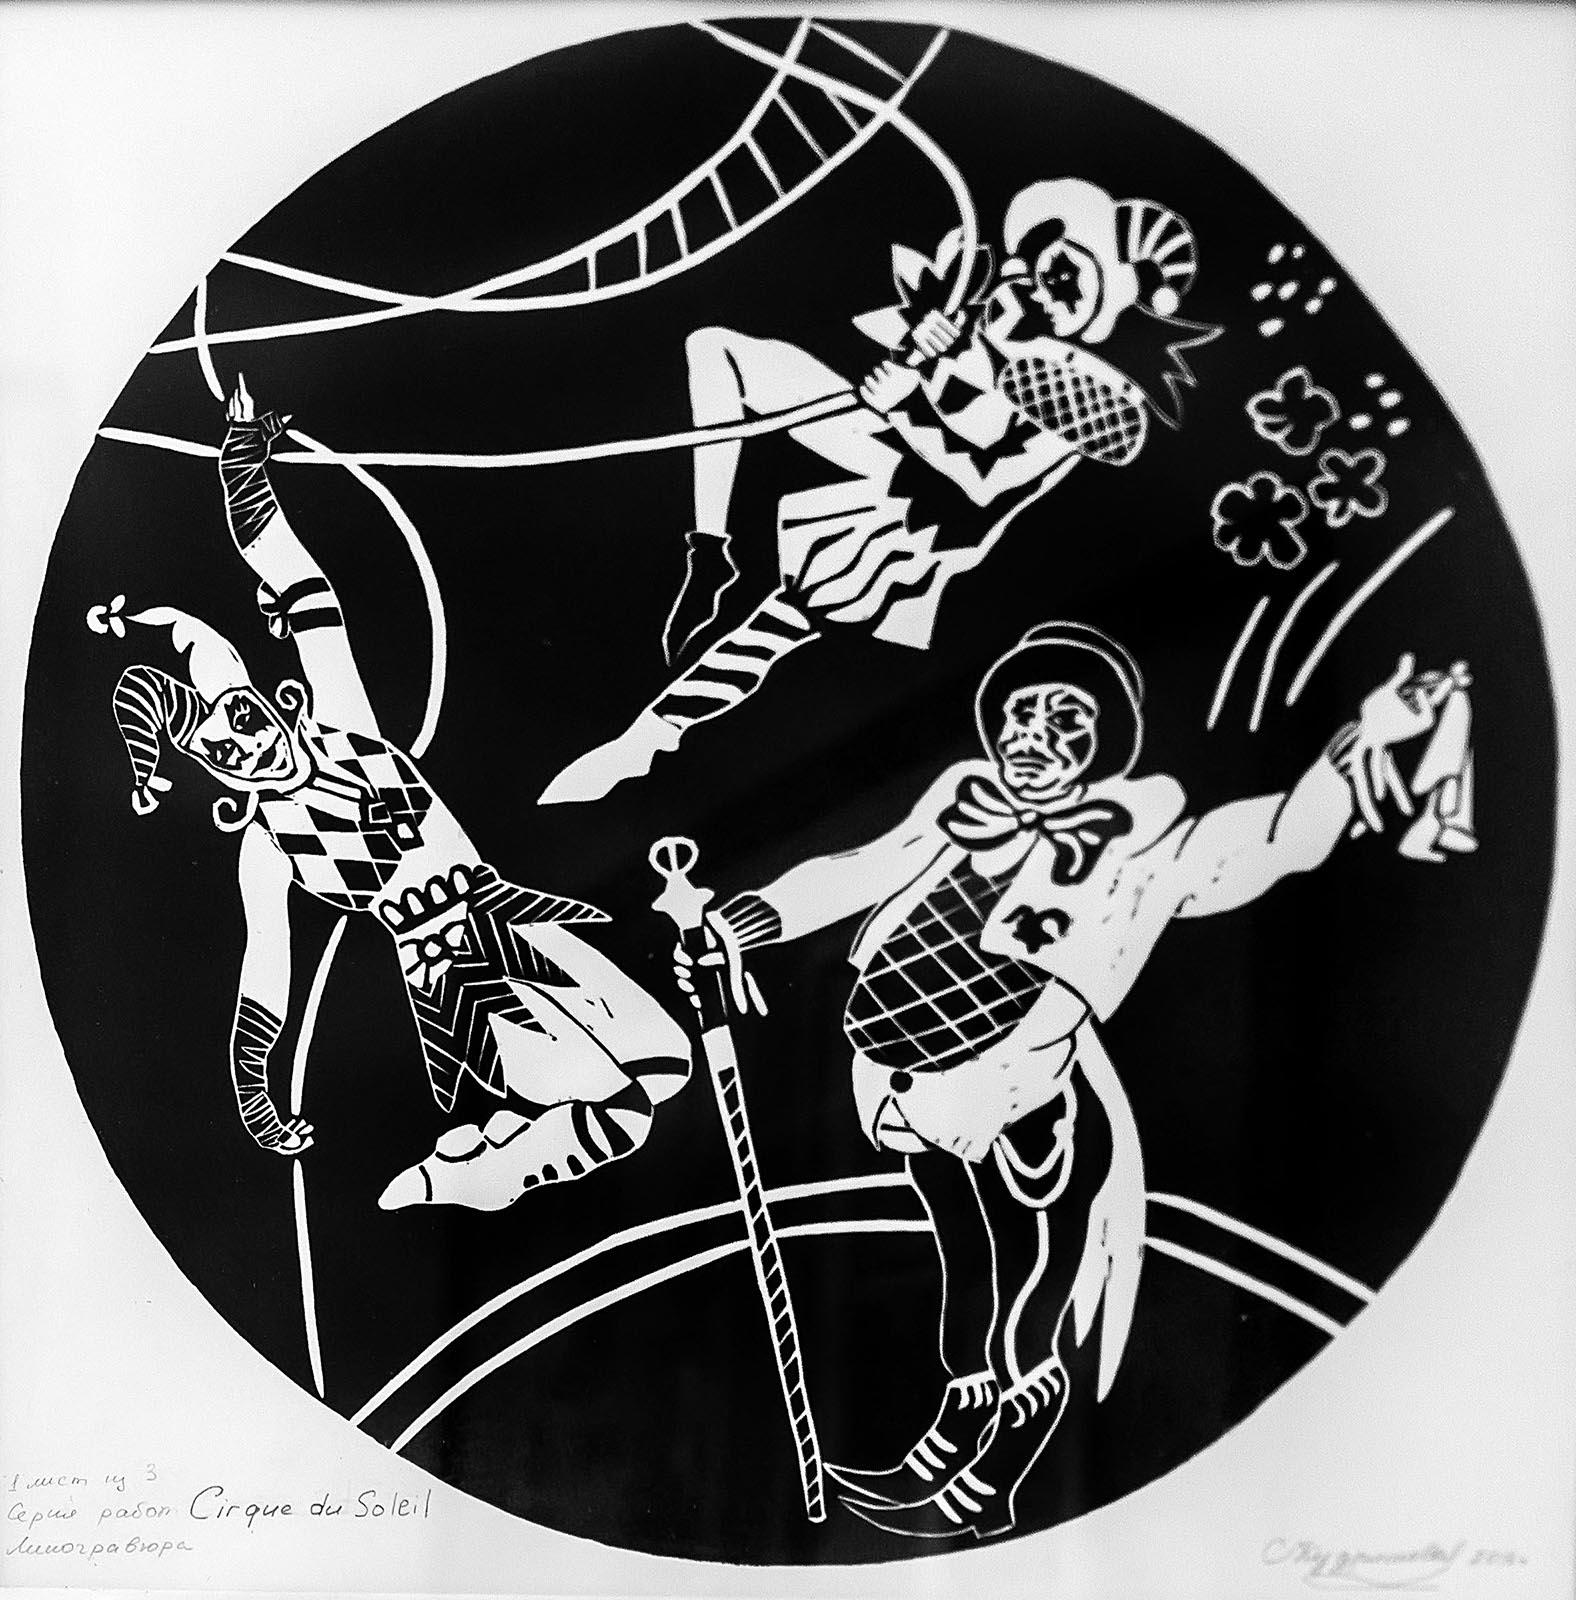 Фото №209349. Кудряшова Станислава. серия работ ''Cirque du SoleII''